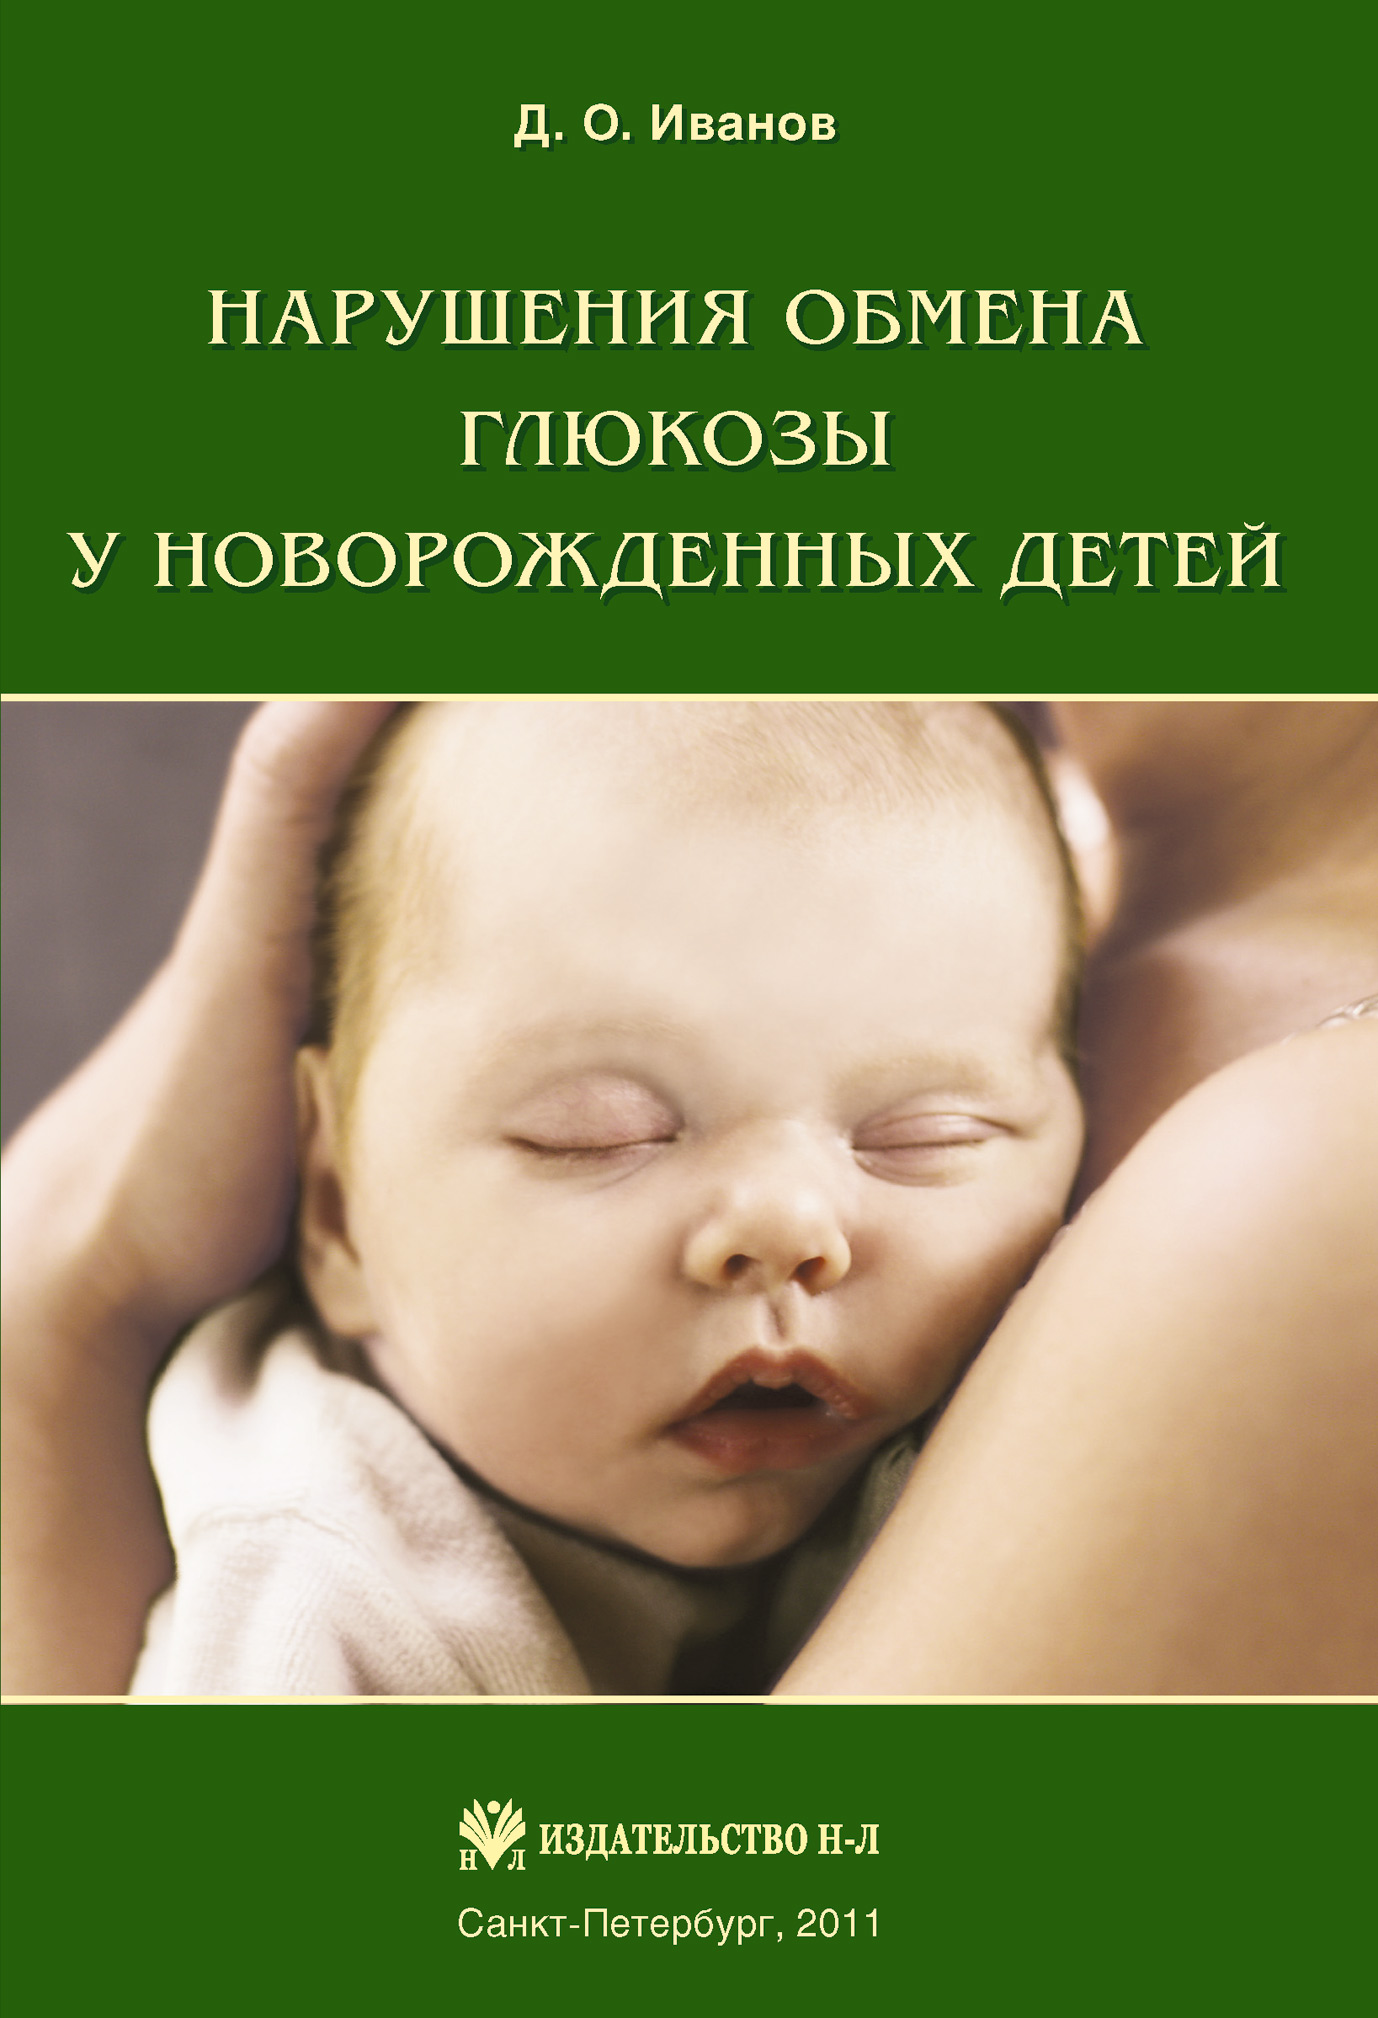 Д. О. Иванов Нарушения обмена глюкозы у новорожденных детей юрий захаров новые методы лечения сахарного диабета 1 типа